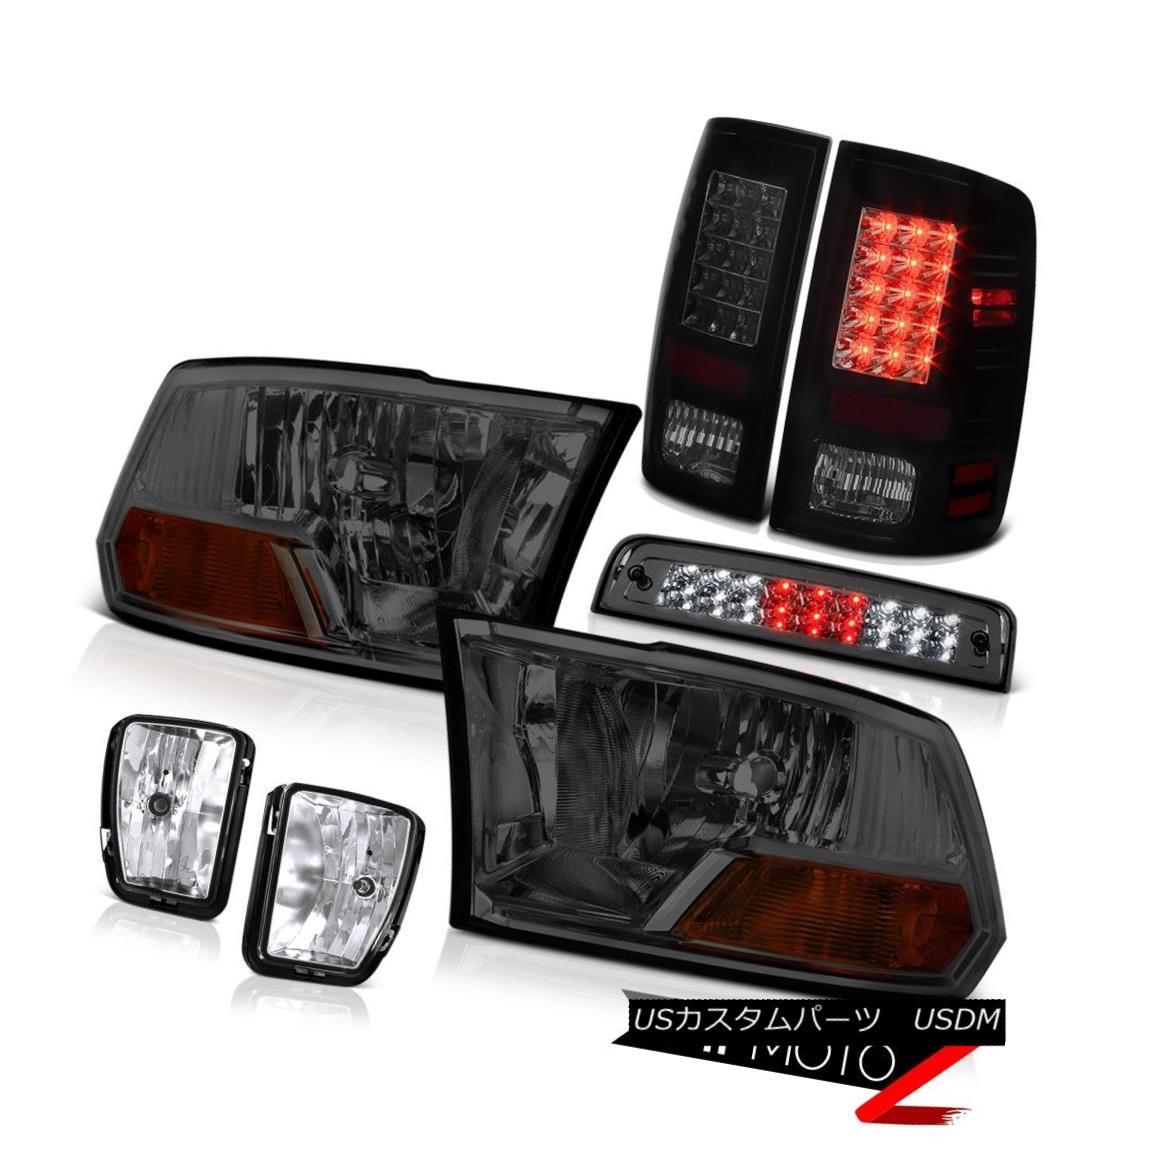 テールライト 13-18 Dodge Ram 1500 Laramie Smokey 3RD Brake Lamp Foglamps Taillamps Headlights 13-18ドッジラム1500ララミースモーク3RDブレーキランプフォグランプタイルランプヘッドライト